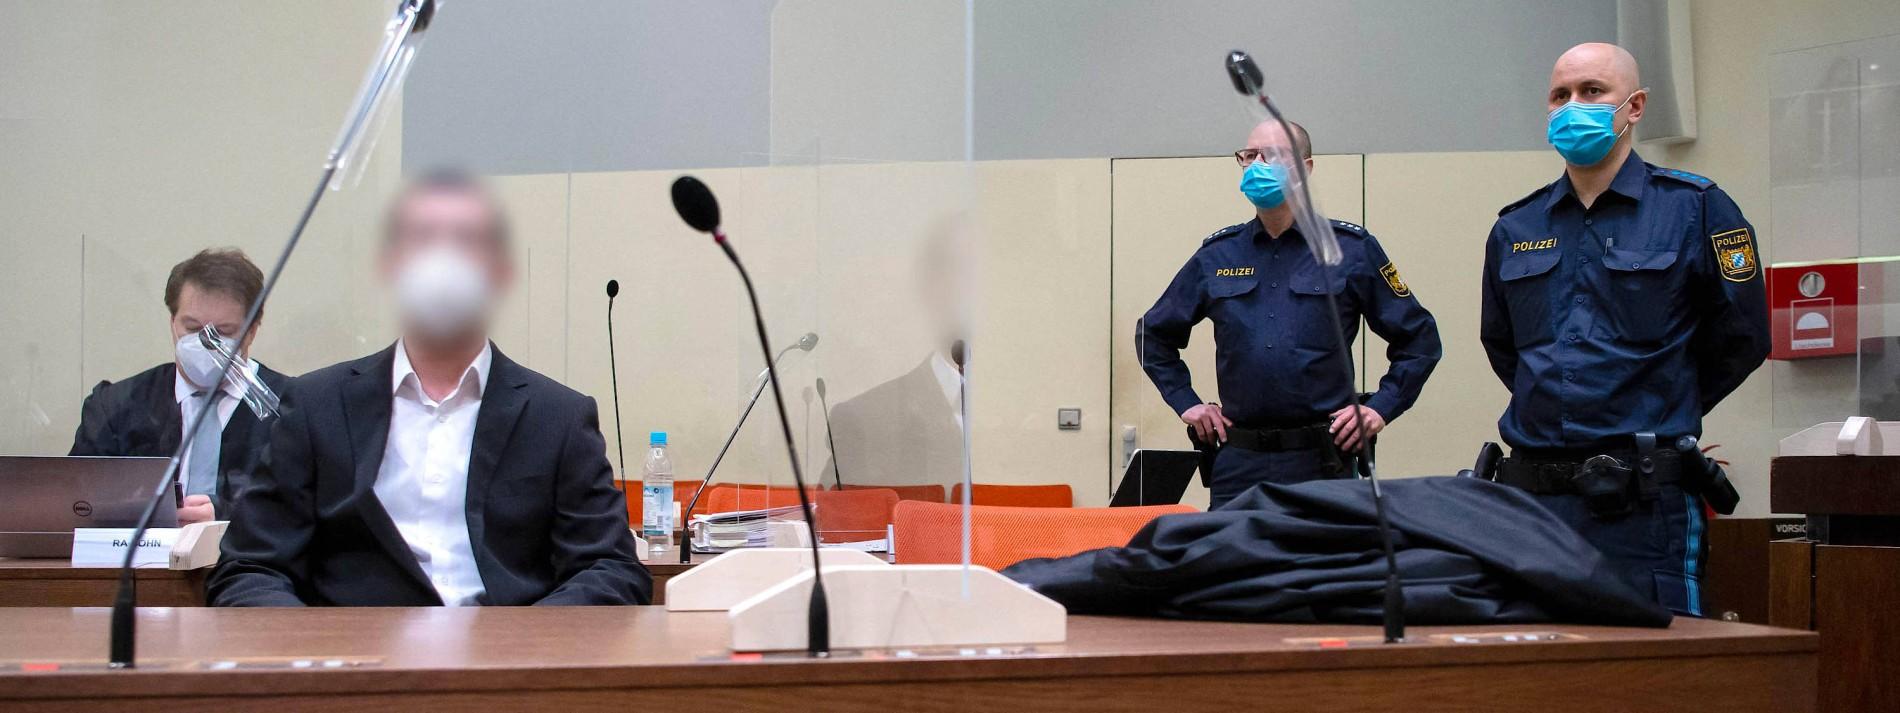 Angeklagter im Prozess um Anschläge in Waldkraiburg geständig